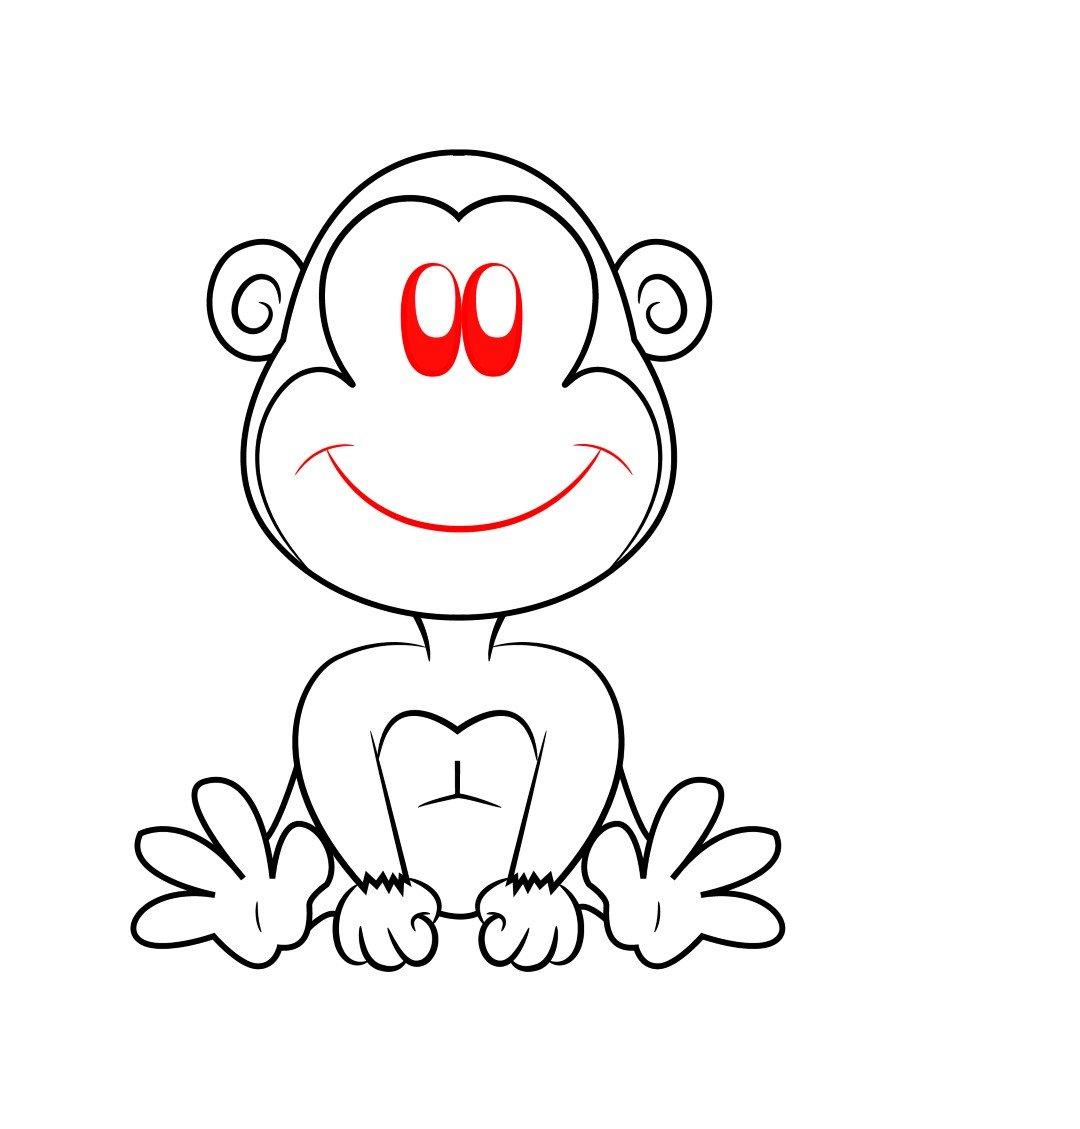 легкая картинка обезьянки этом посте